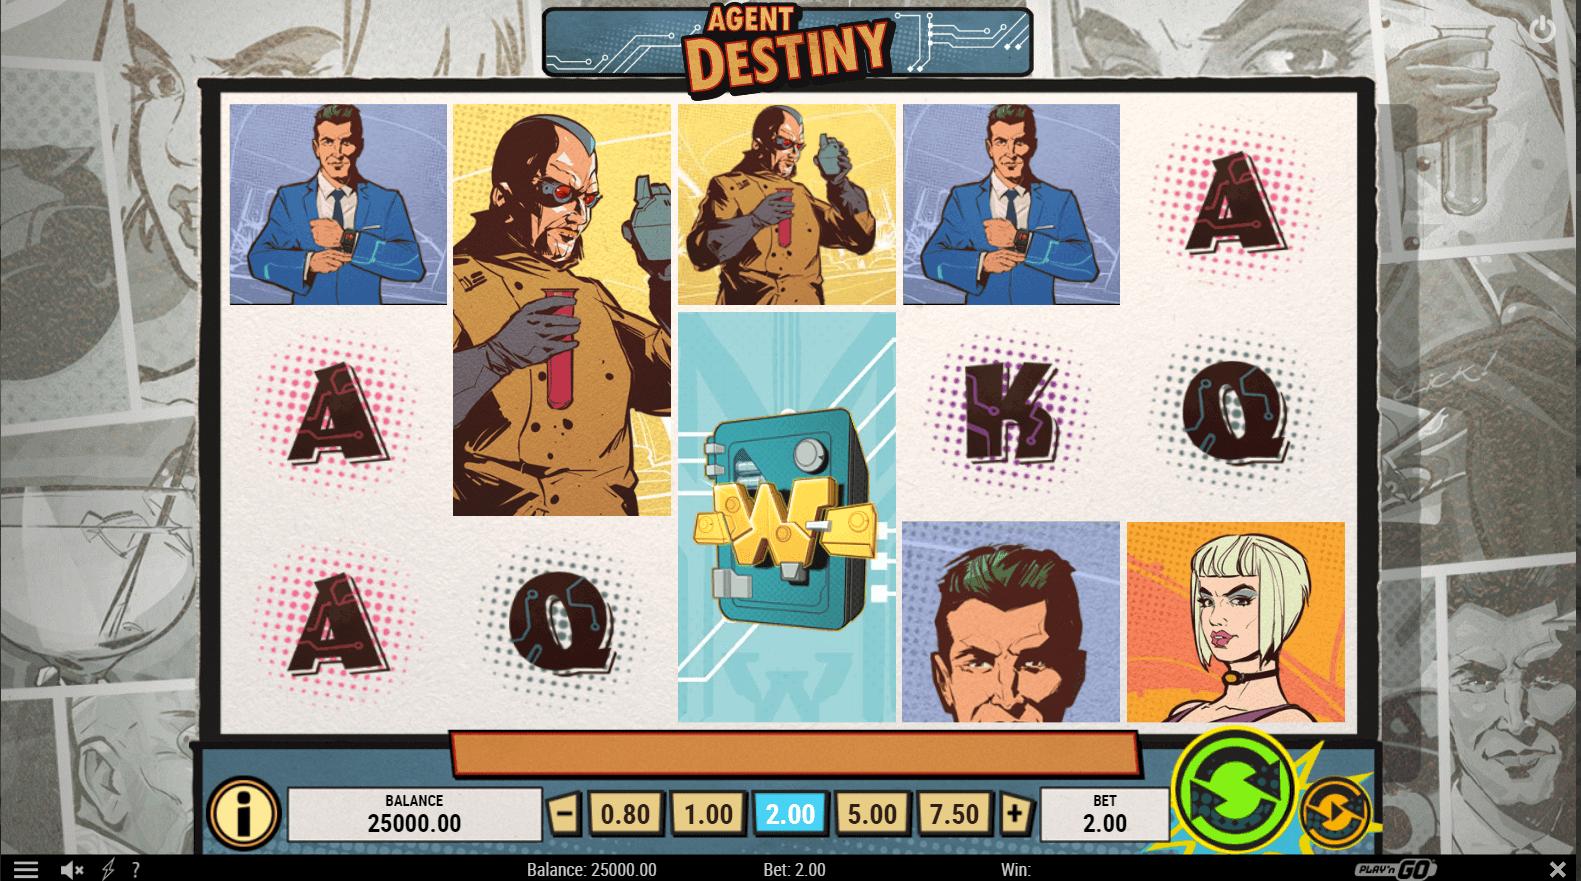 Agent Destiny Slot Machine